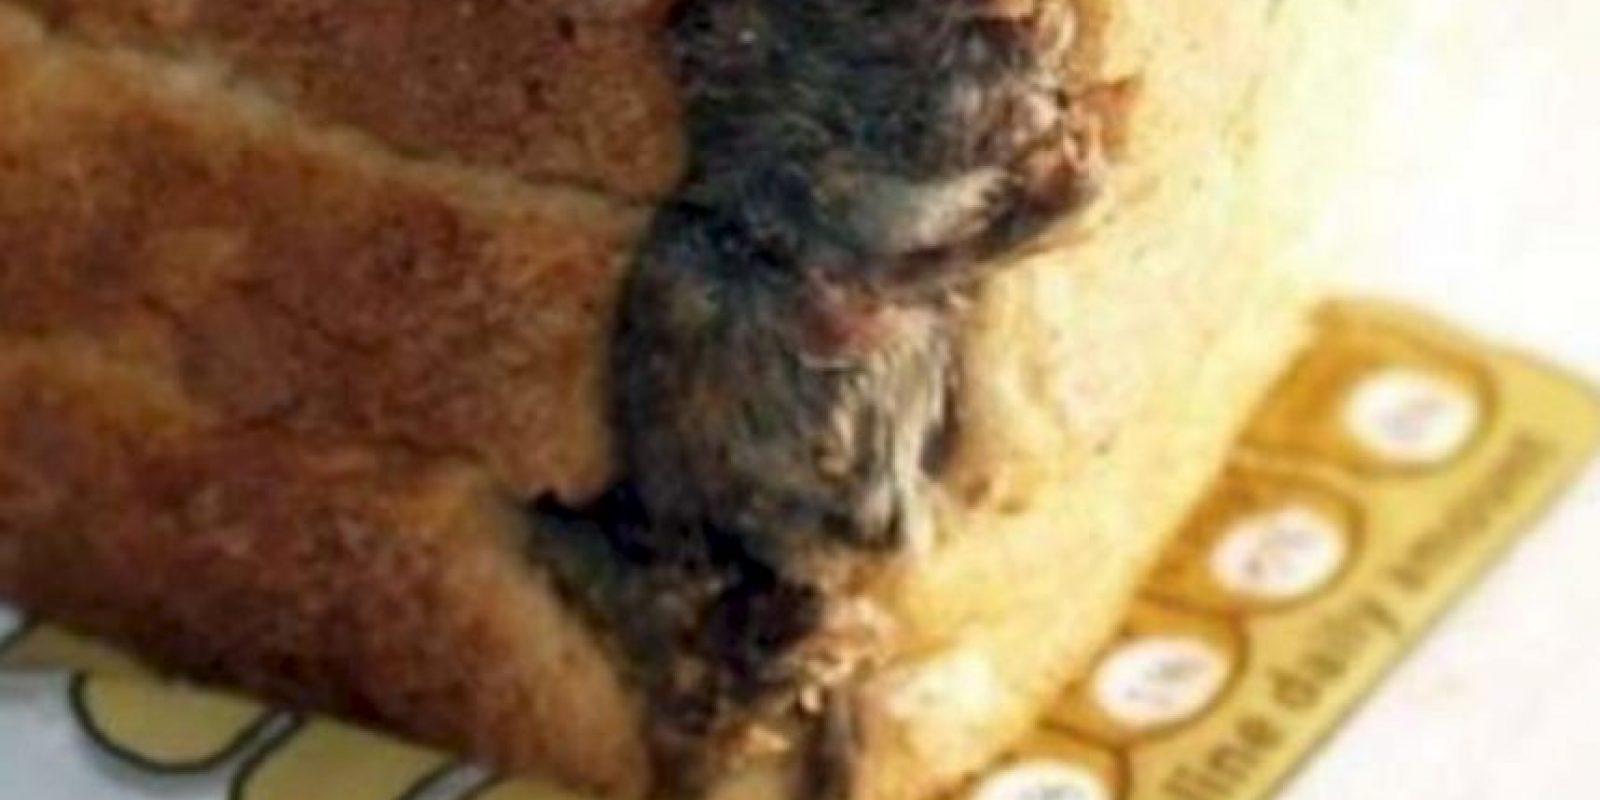 Rata empanizada. Foto:vía EpicFail